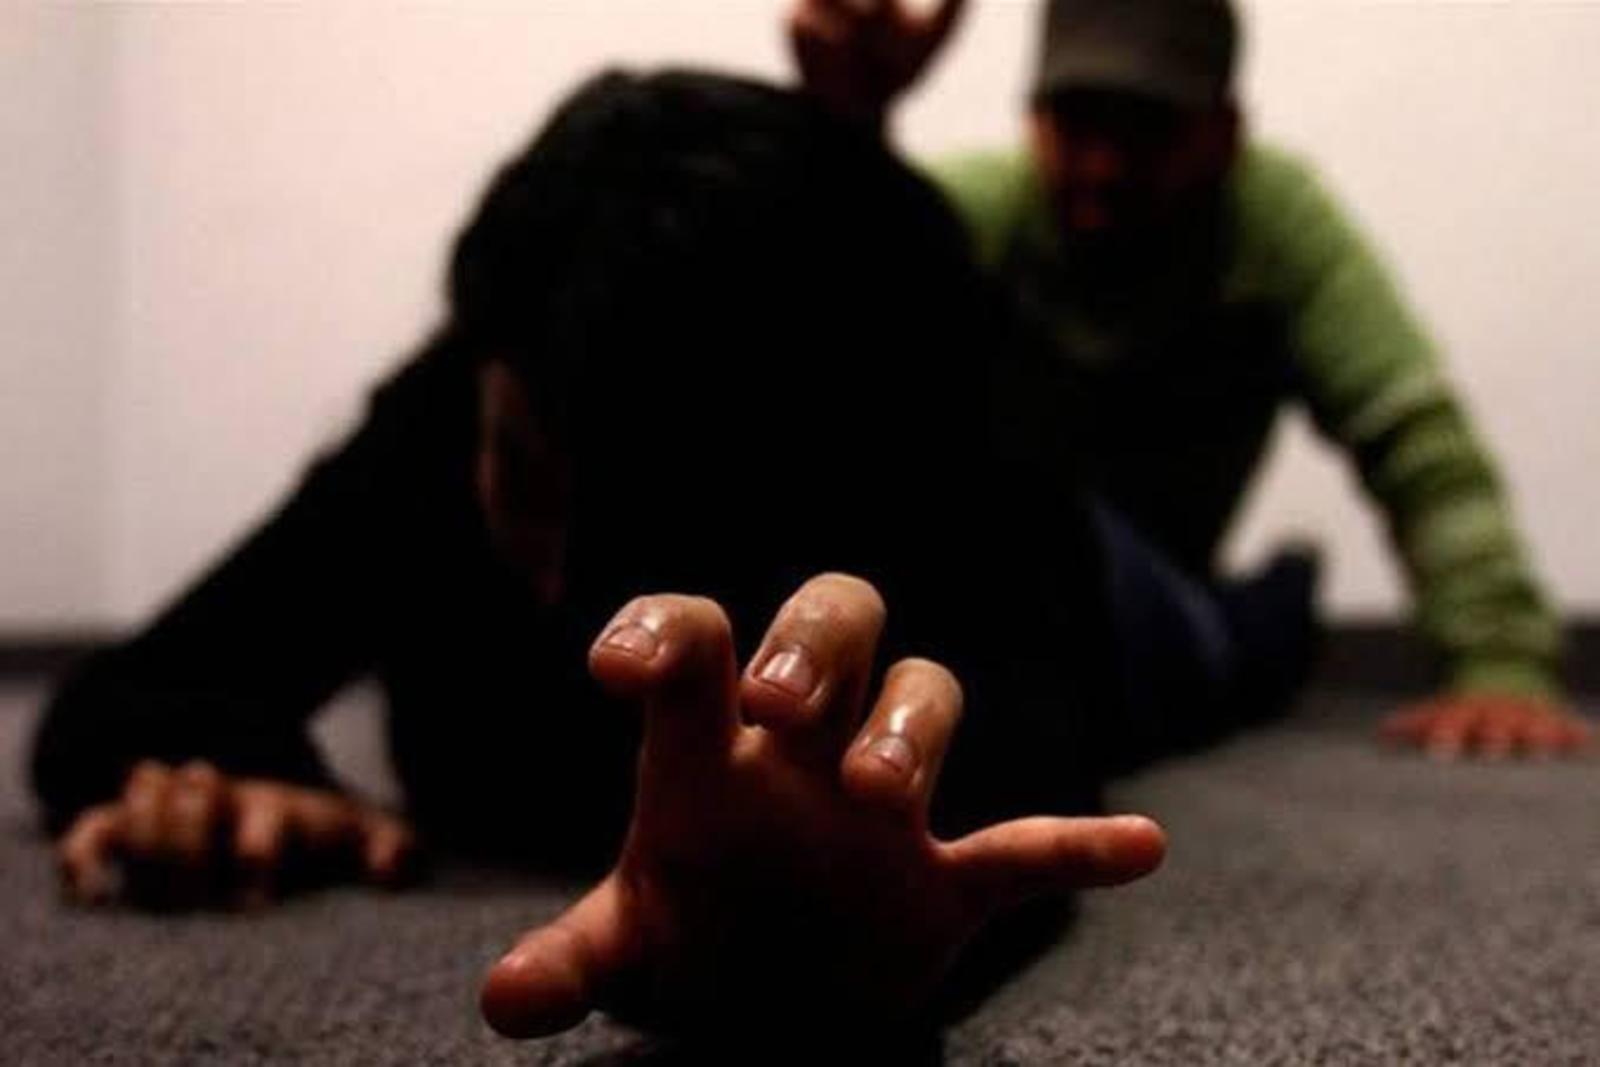 Ayudaba a su amiga y el hermano de ésta la violó